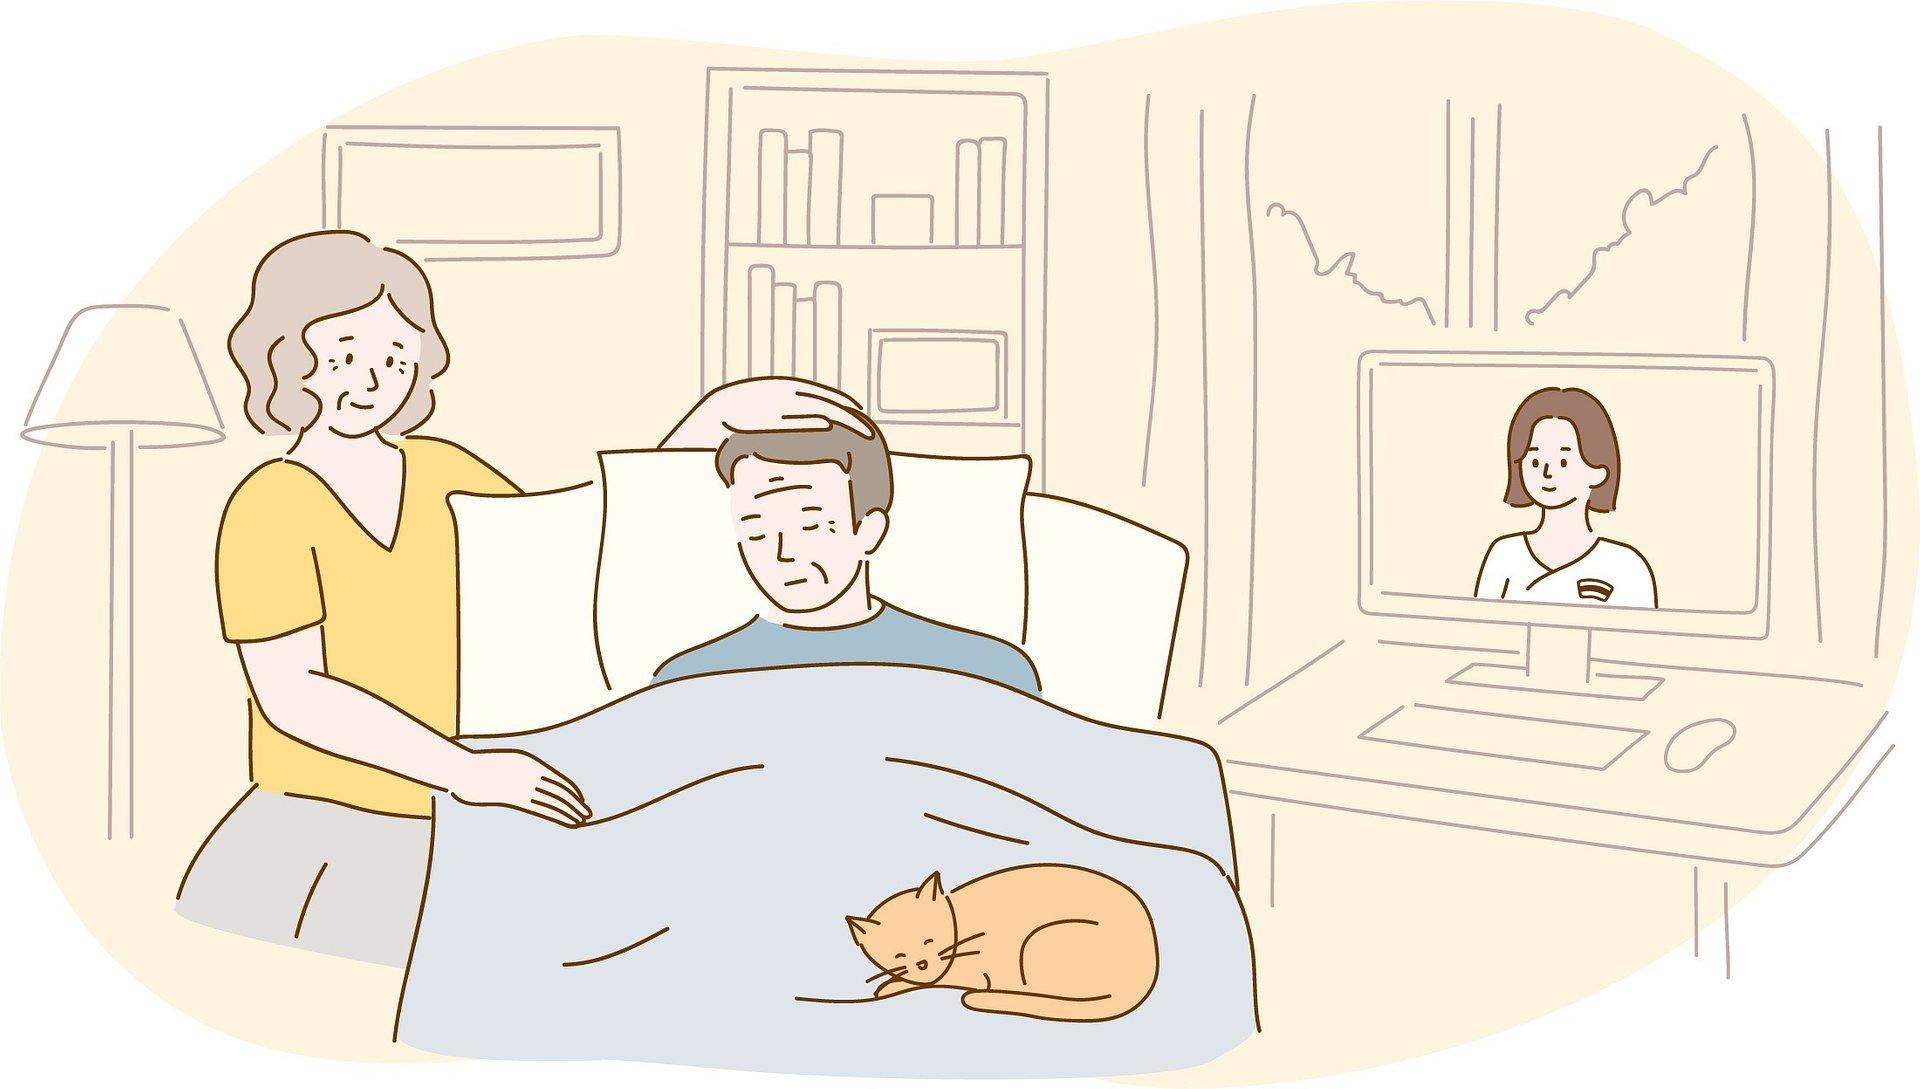 Specjalistyczny portal stworzony w trosce o opiekunów domowych – znajdą tam pomoc, wiedzę i wsparcie